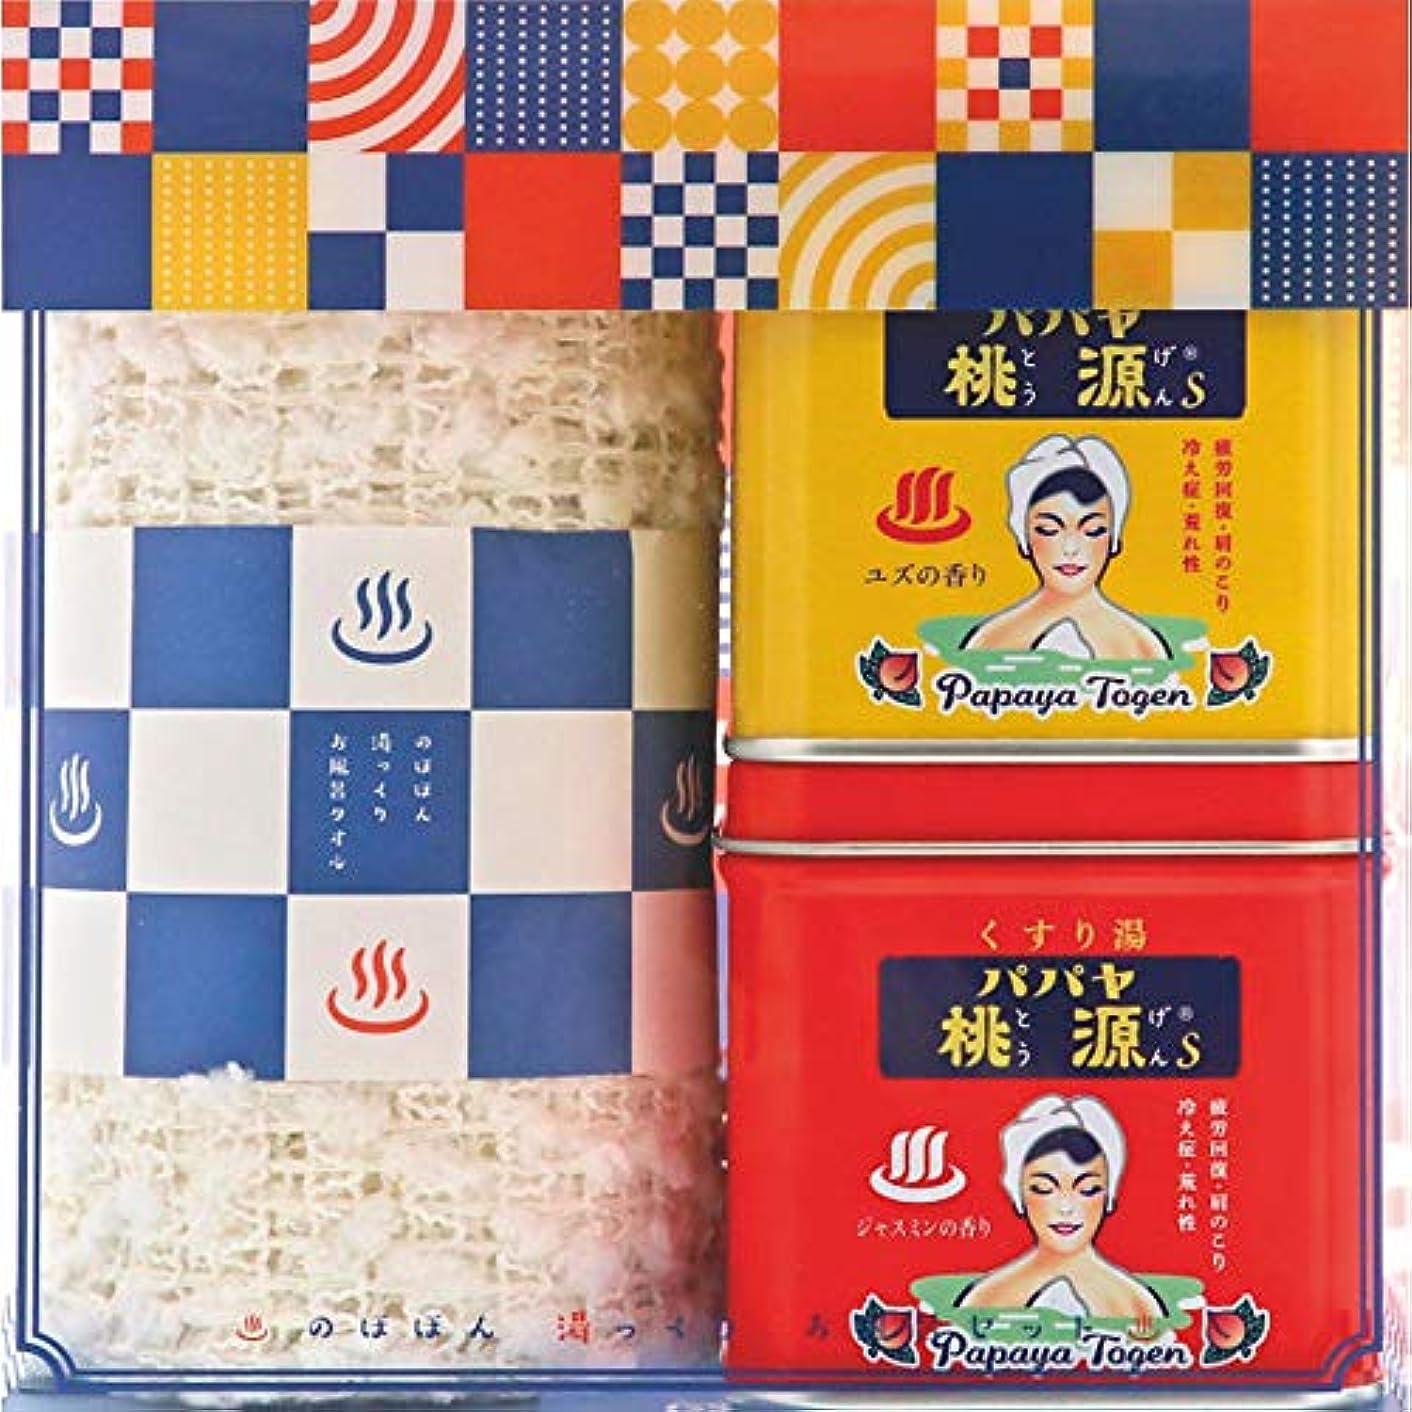 専門用語記念少ないパパヤ桃源 のほほん湯っくりお風呂セットA (五洲薬品) 入浴剤 ユズ(70g)+ジャスミン(70g)+タオル